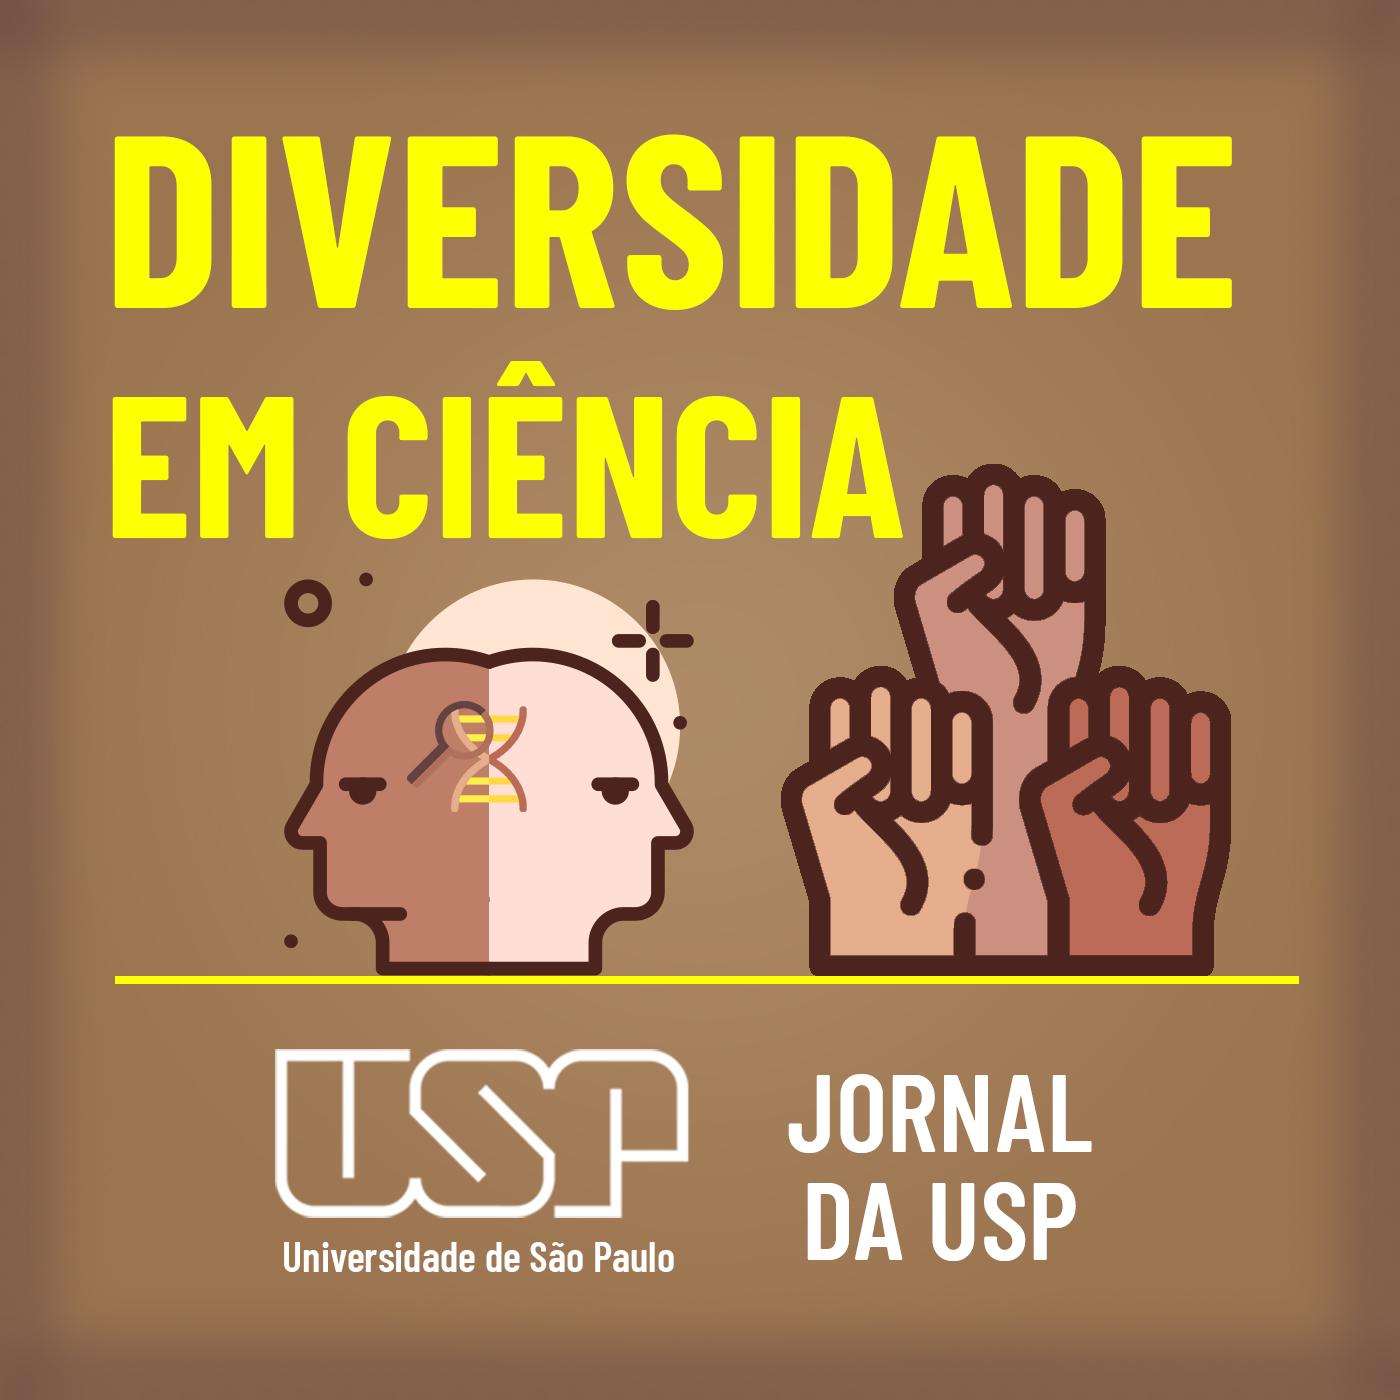 Diversidade em Ciência #11: Lucas Amaral analisa a pornografia e masculinidades